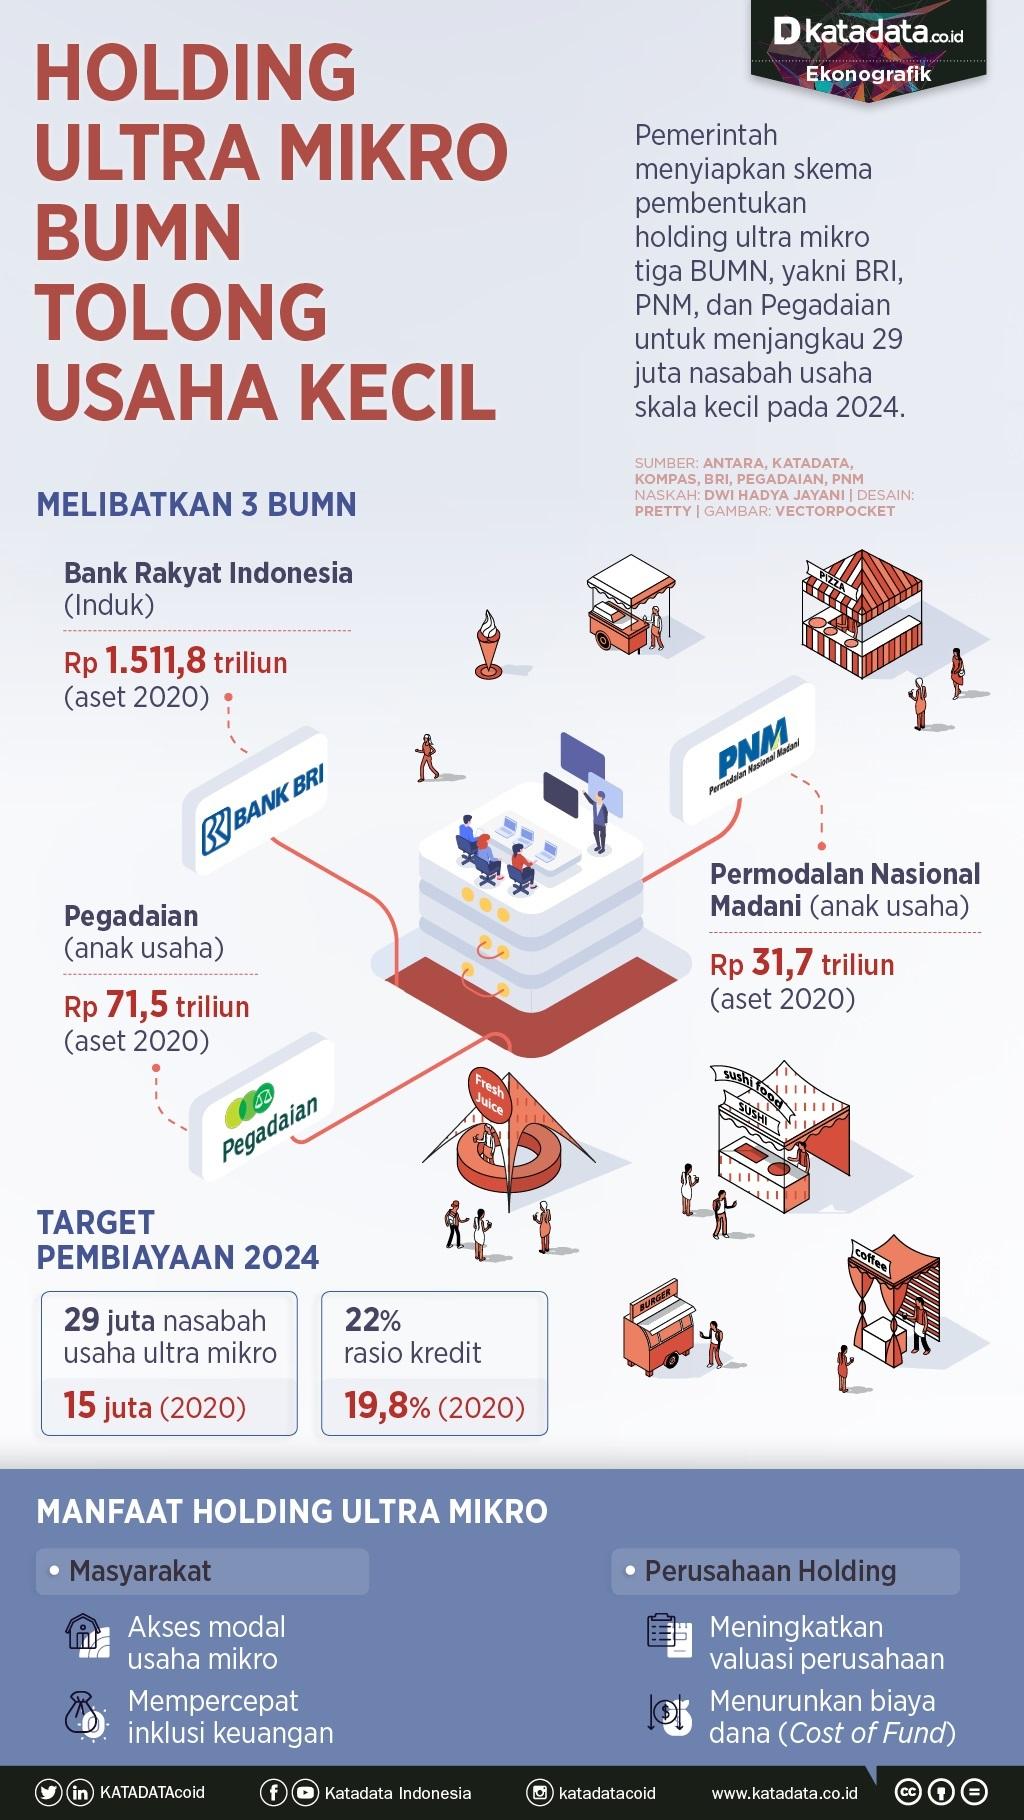 Infografik_Holding ultra mikro bumn tolong usaha kecil